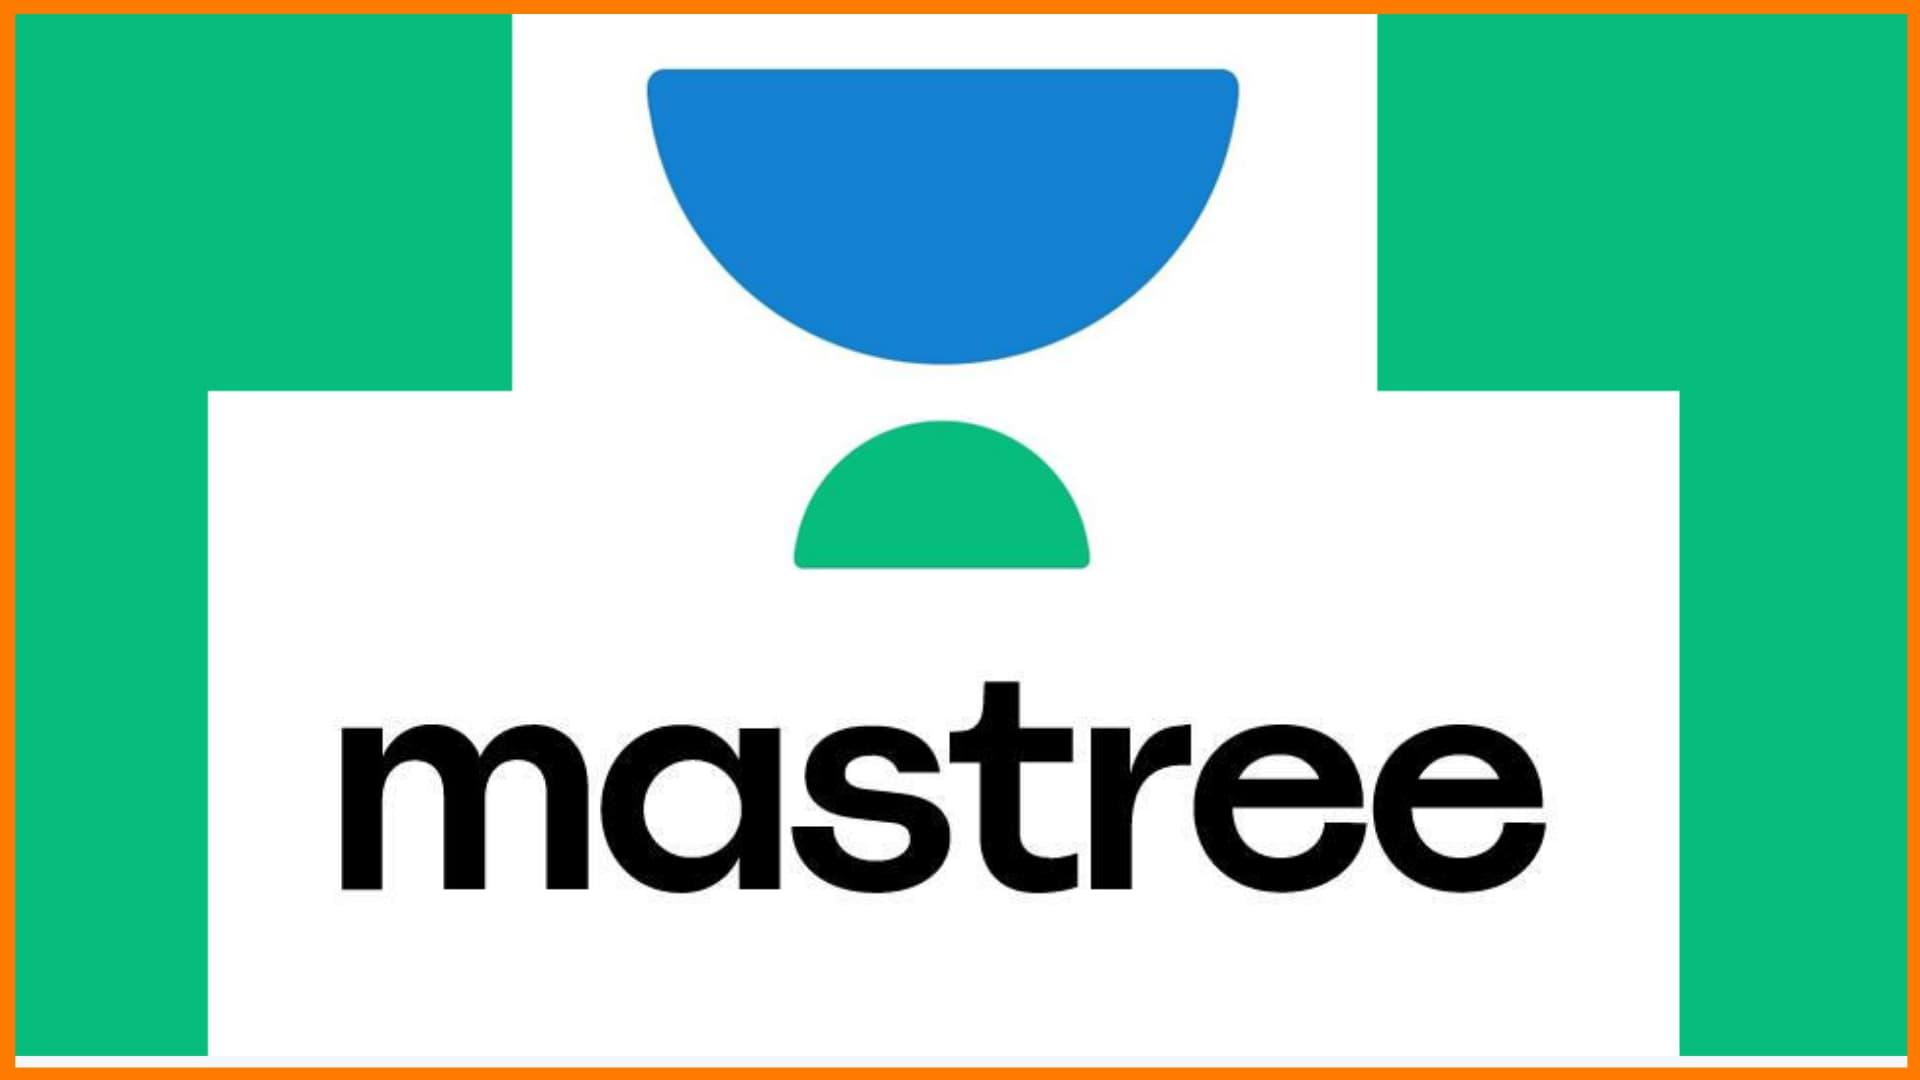 Mastree